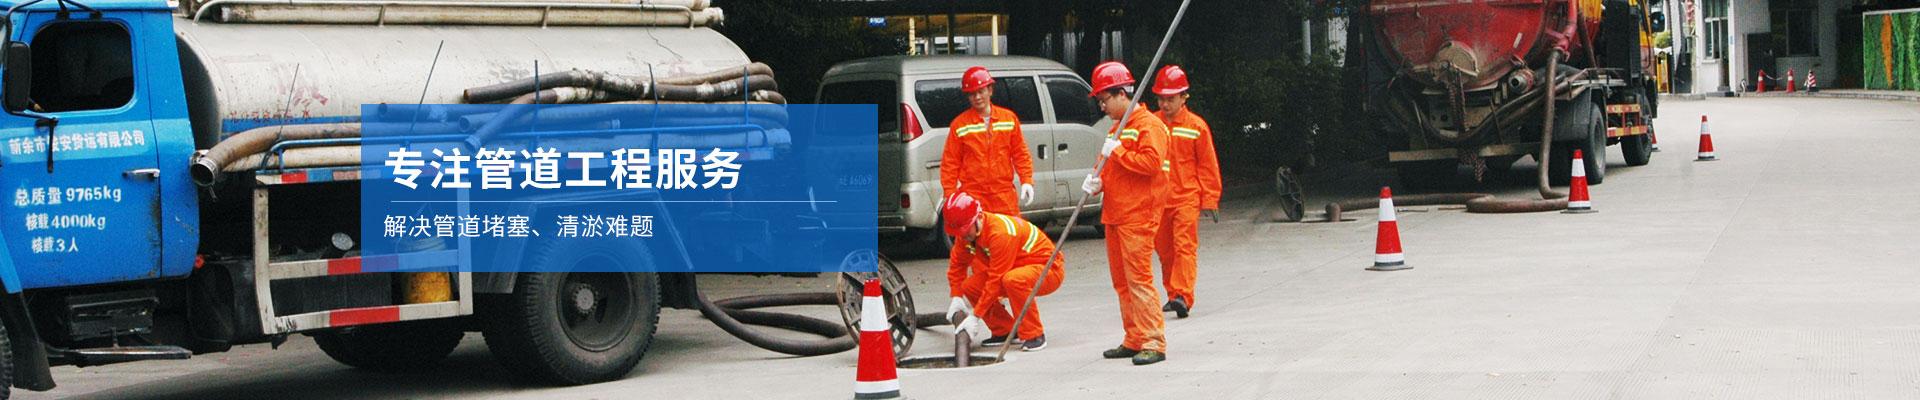 洁强市政专注管道工程服务15年,专业解决管道堵塞、清淤难题